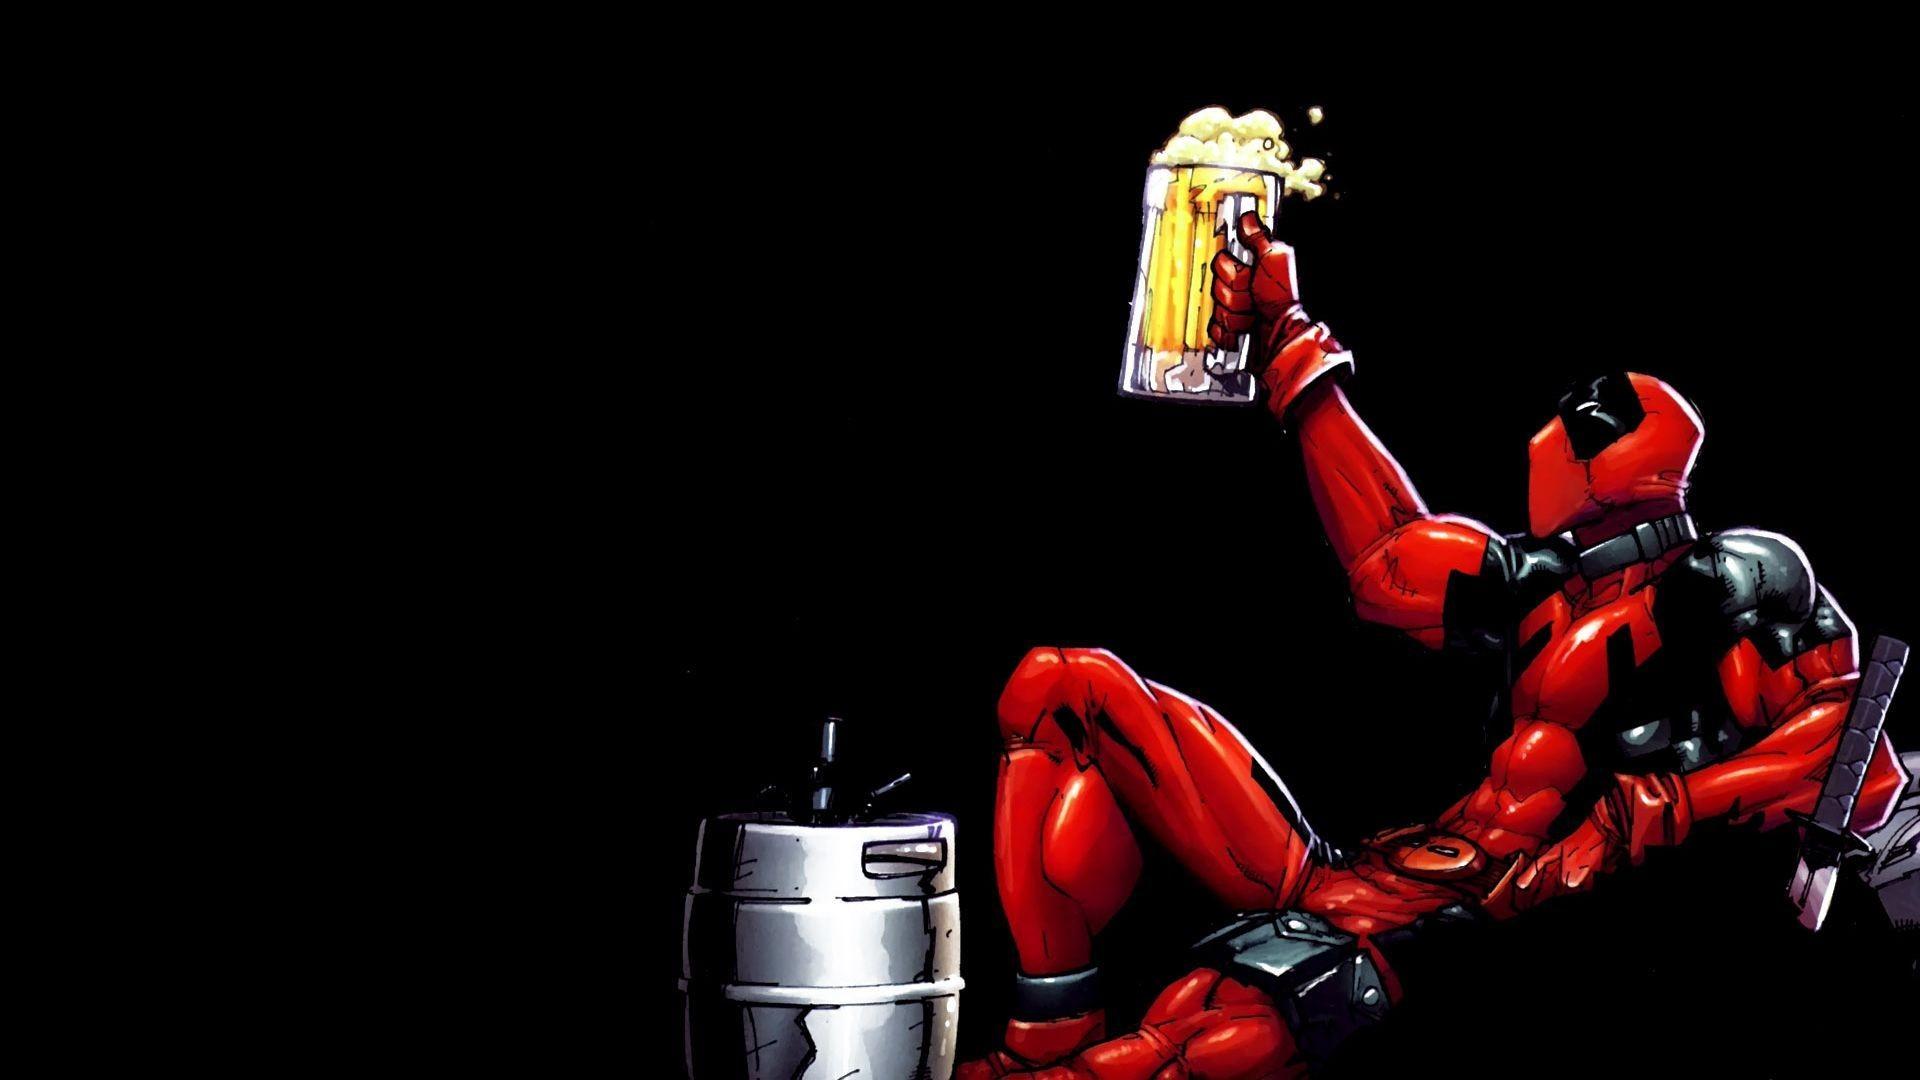 Deadpool Desktop Wallpaper Hd Hd Wallpaper